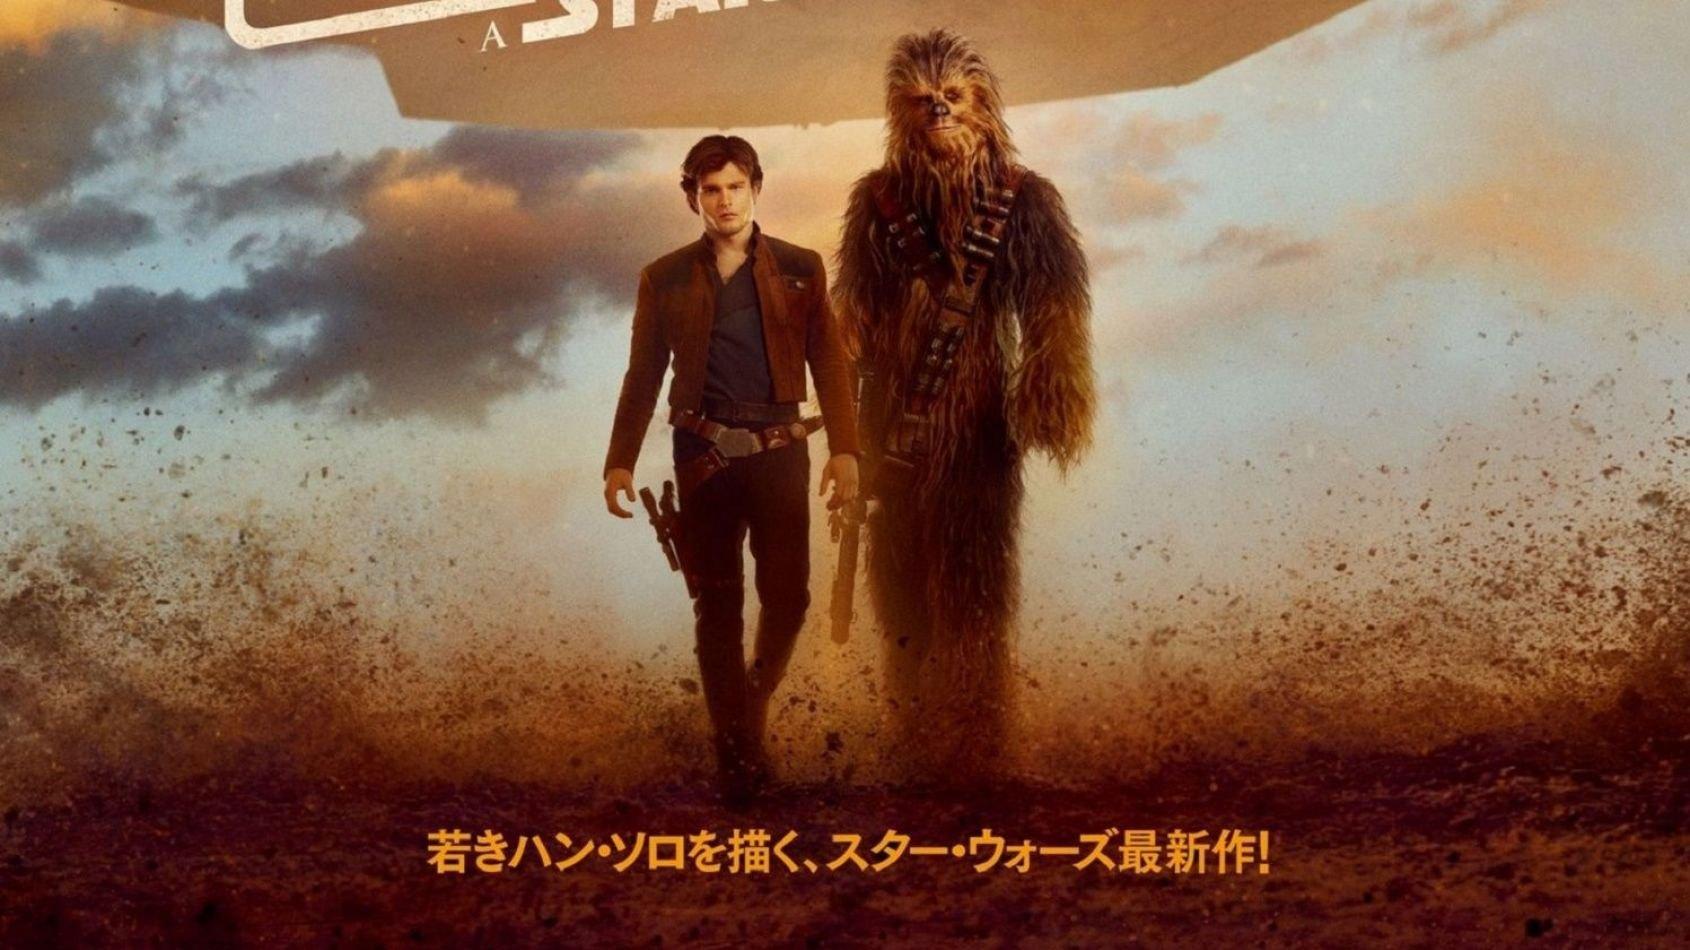 Une affiche japonaise pour Solo